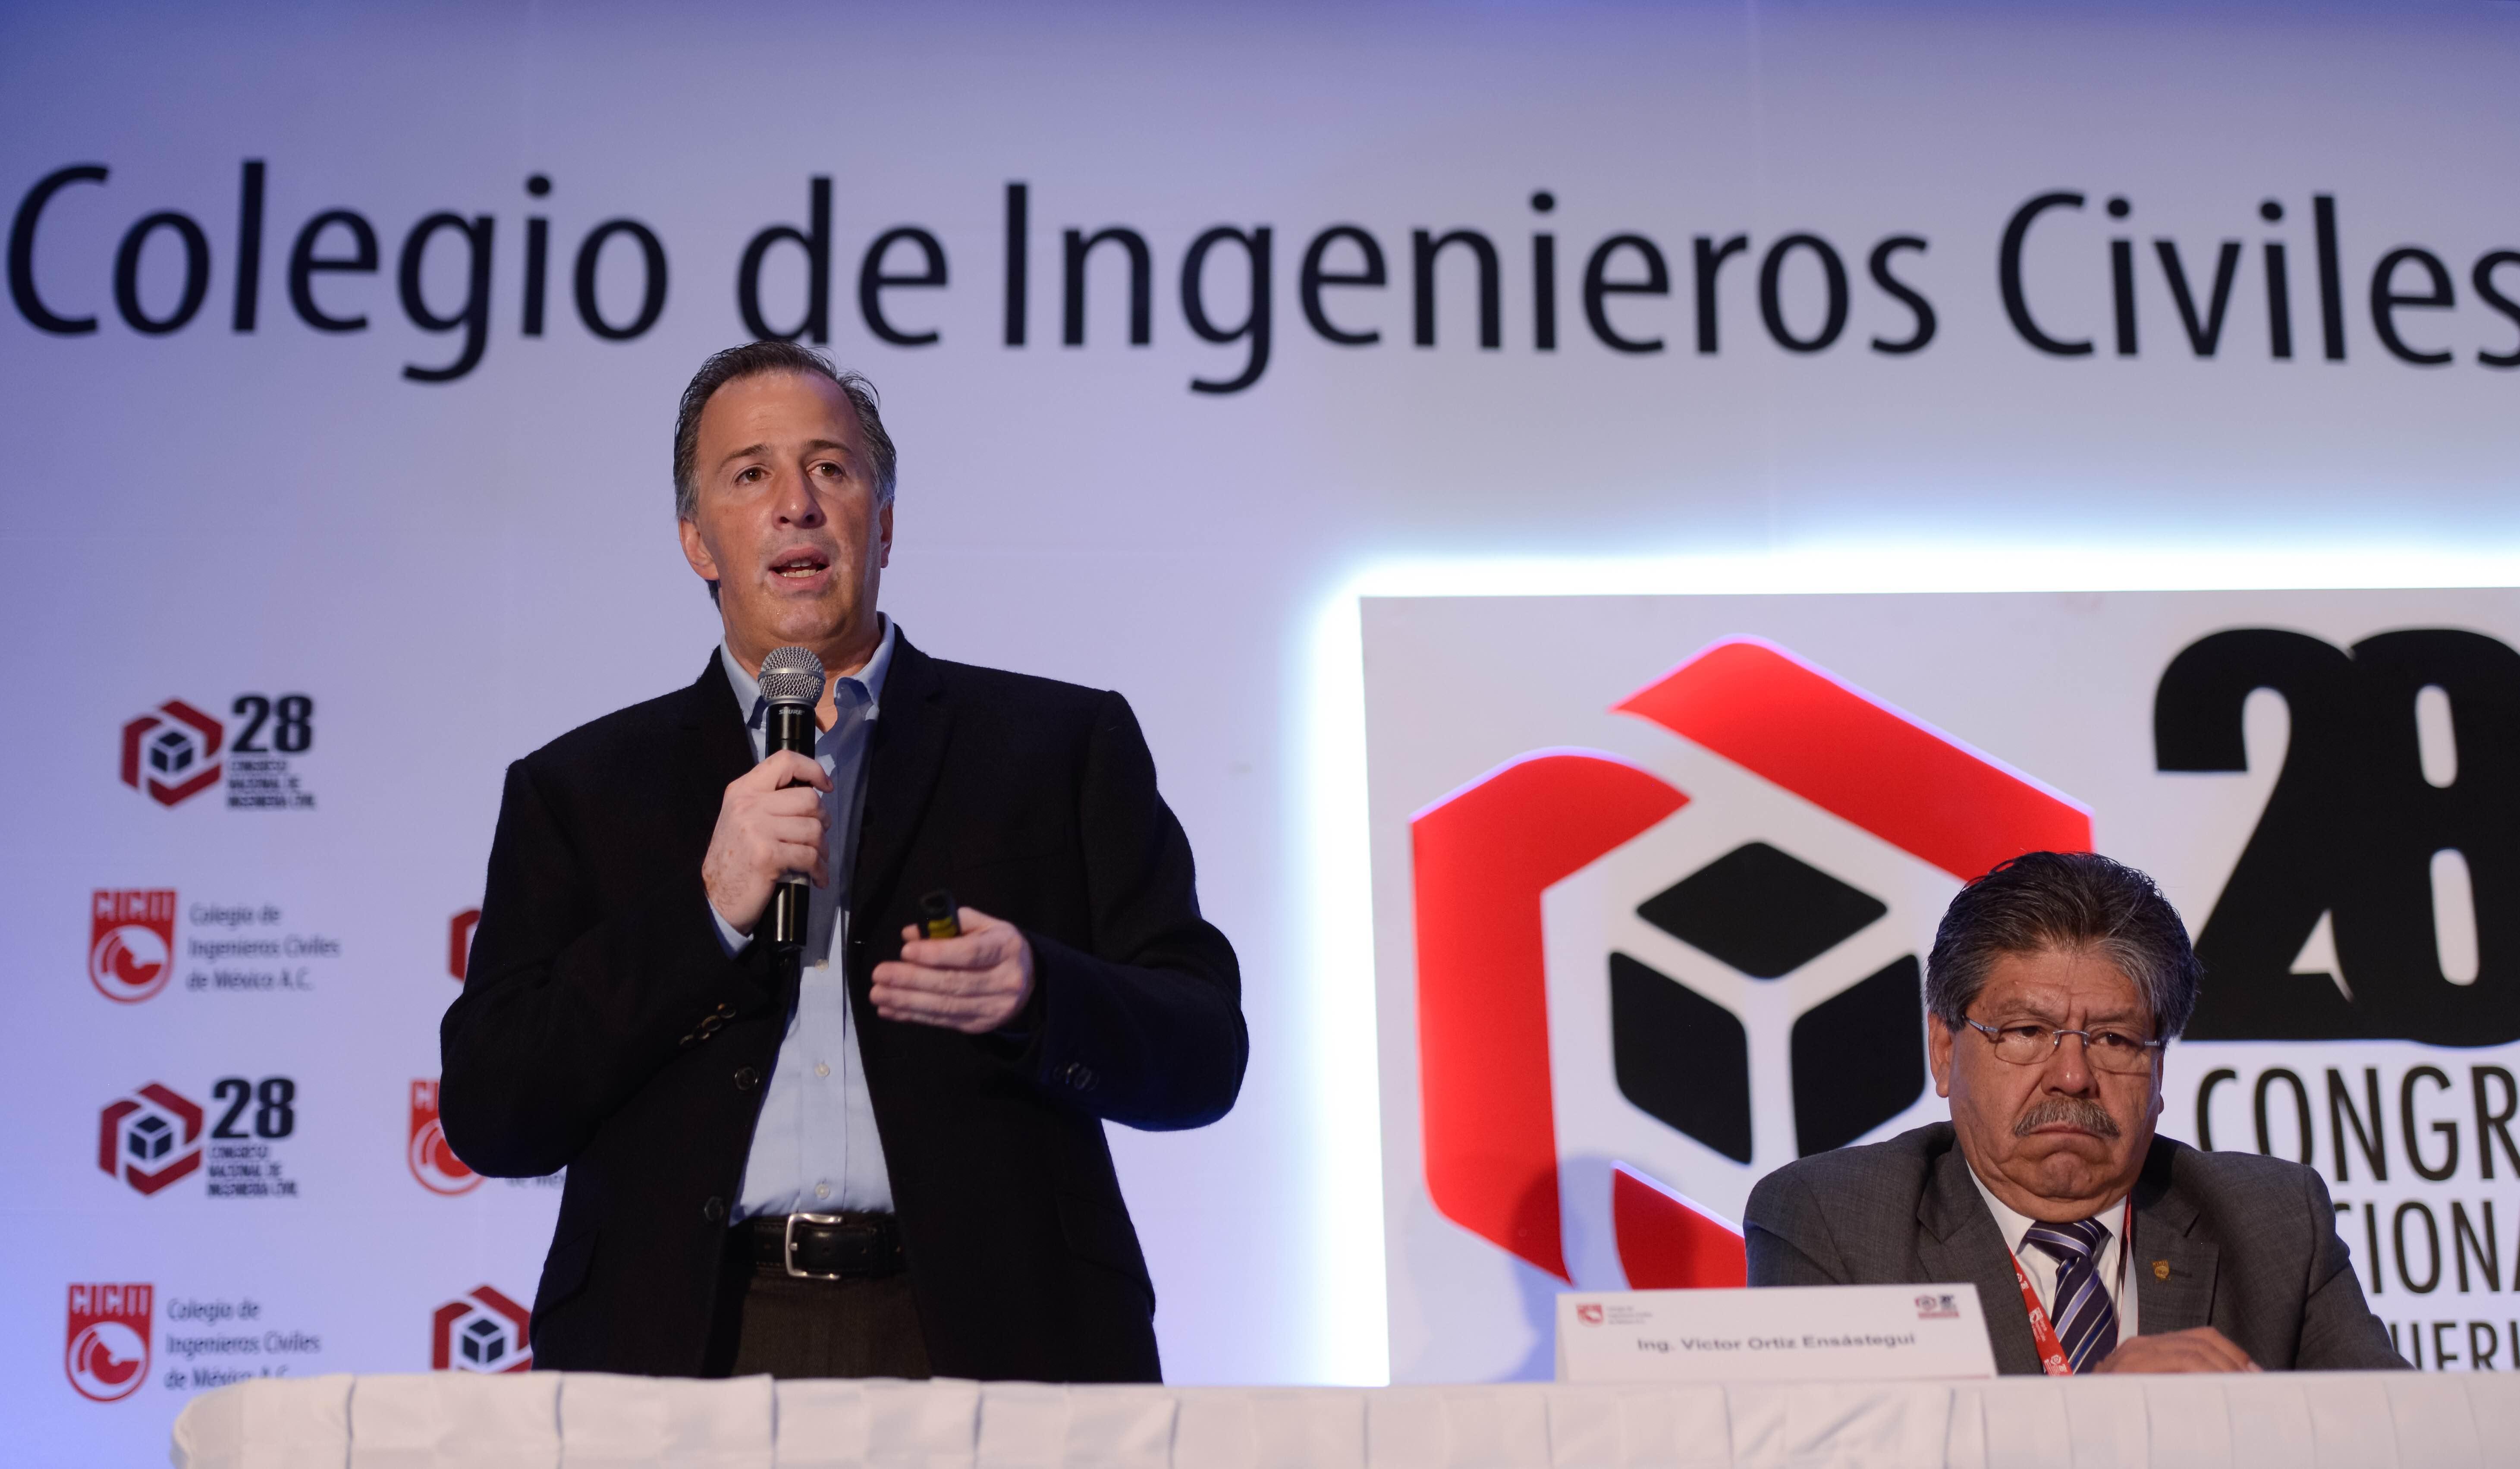 El secretario de Desarrollo Social, José Antonio Meade Kuribreña, en su participación en el 28 Congreso Nacional de Ingeniería Civil